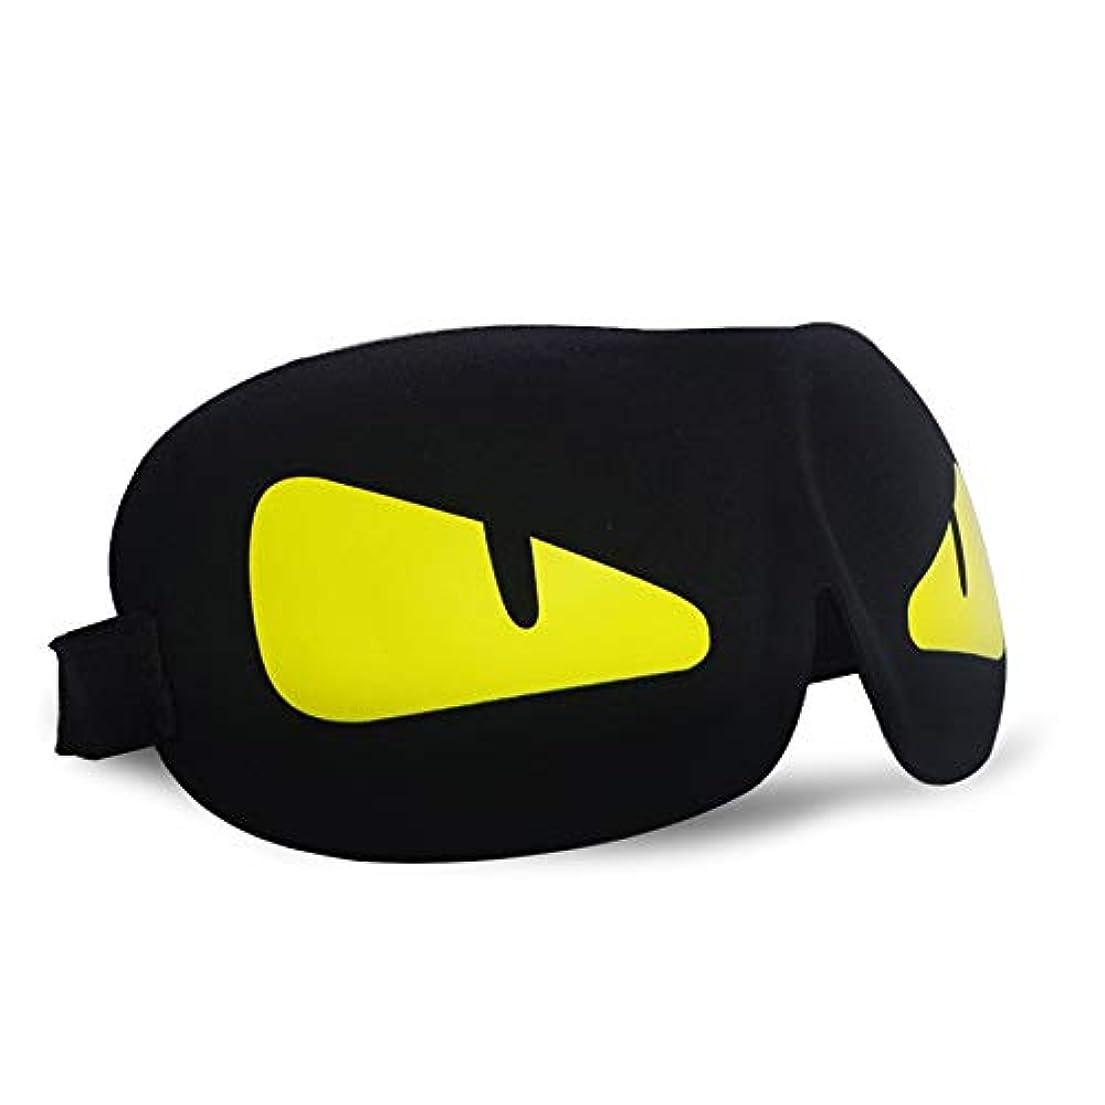 にぎやか縫うアラームNOTE 漫画3dアイマスク睡眠補助マスク用旅行残りカバーアイパッチ目隠しアイシェードシールドライトギフト用子供